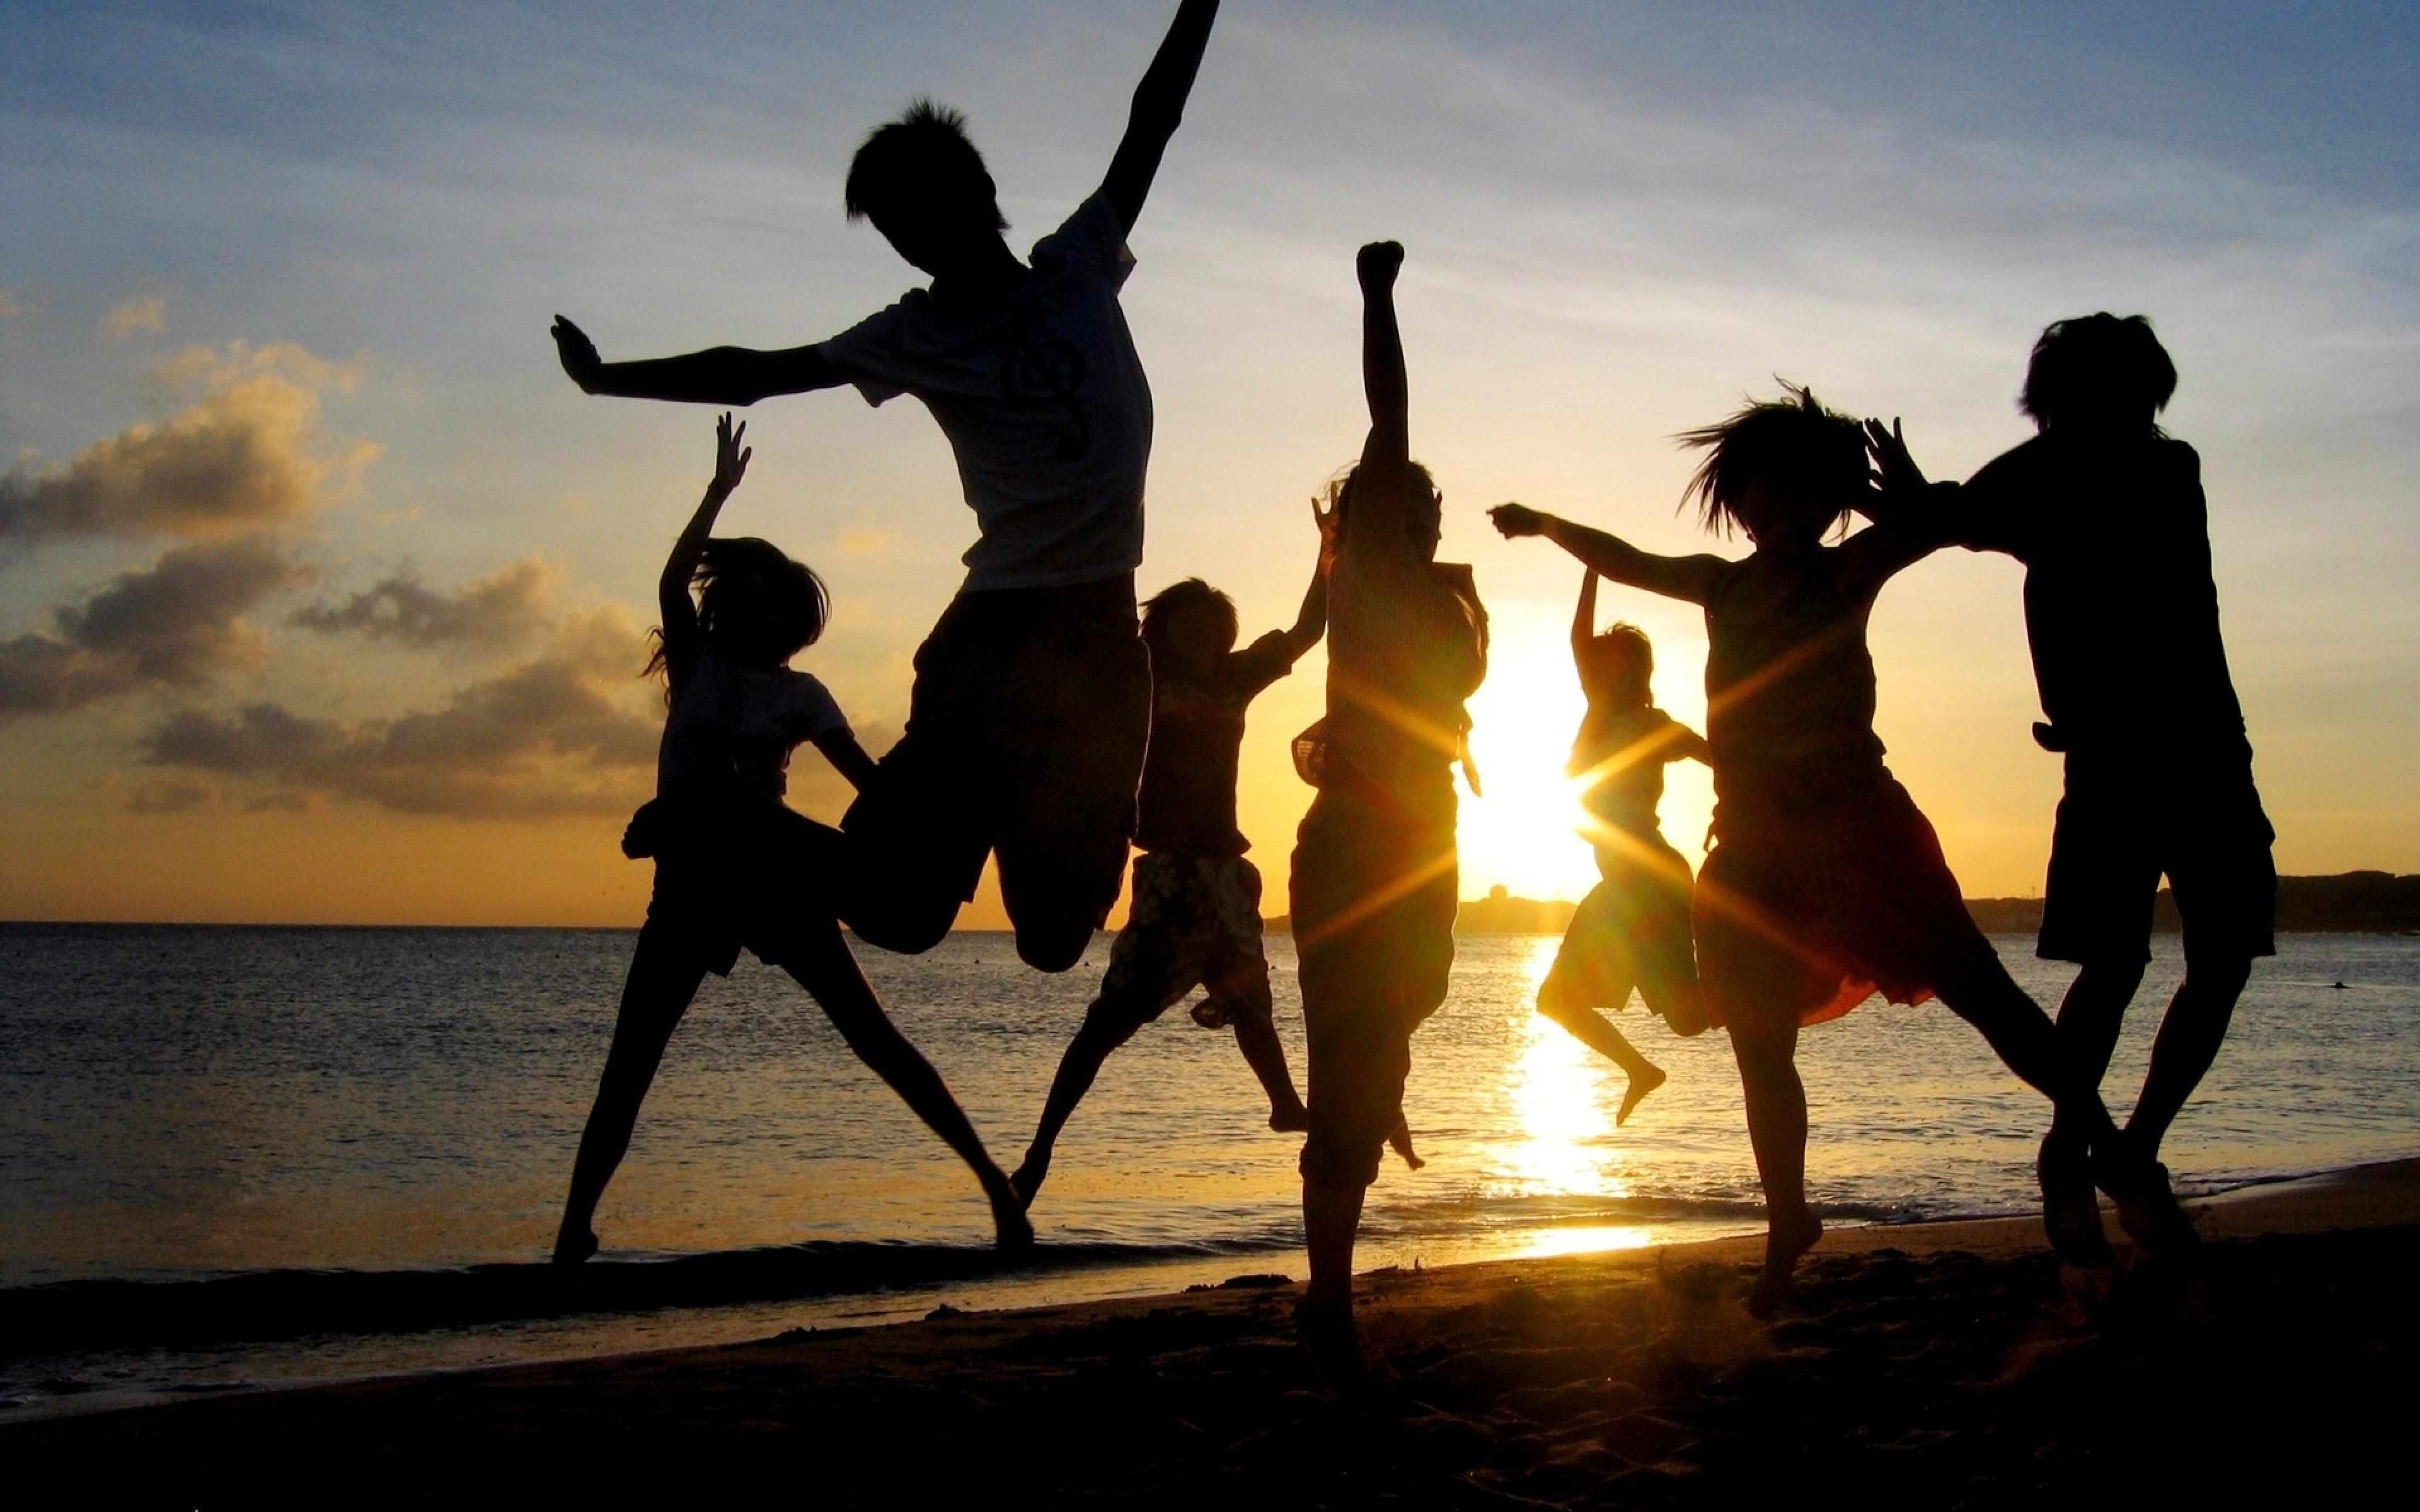 Картинка: Люди, силуэт, отдых, компания, друзья, веселье, настроение, море, пляж, закат, солнце, горизонт, небо, облака